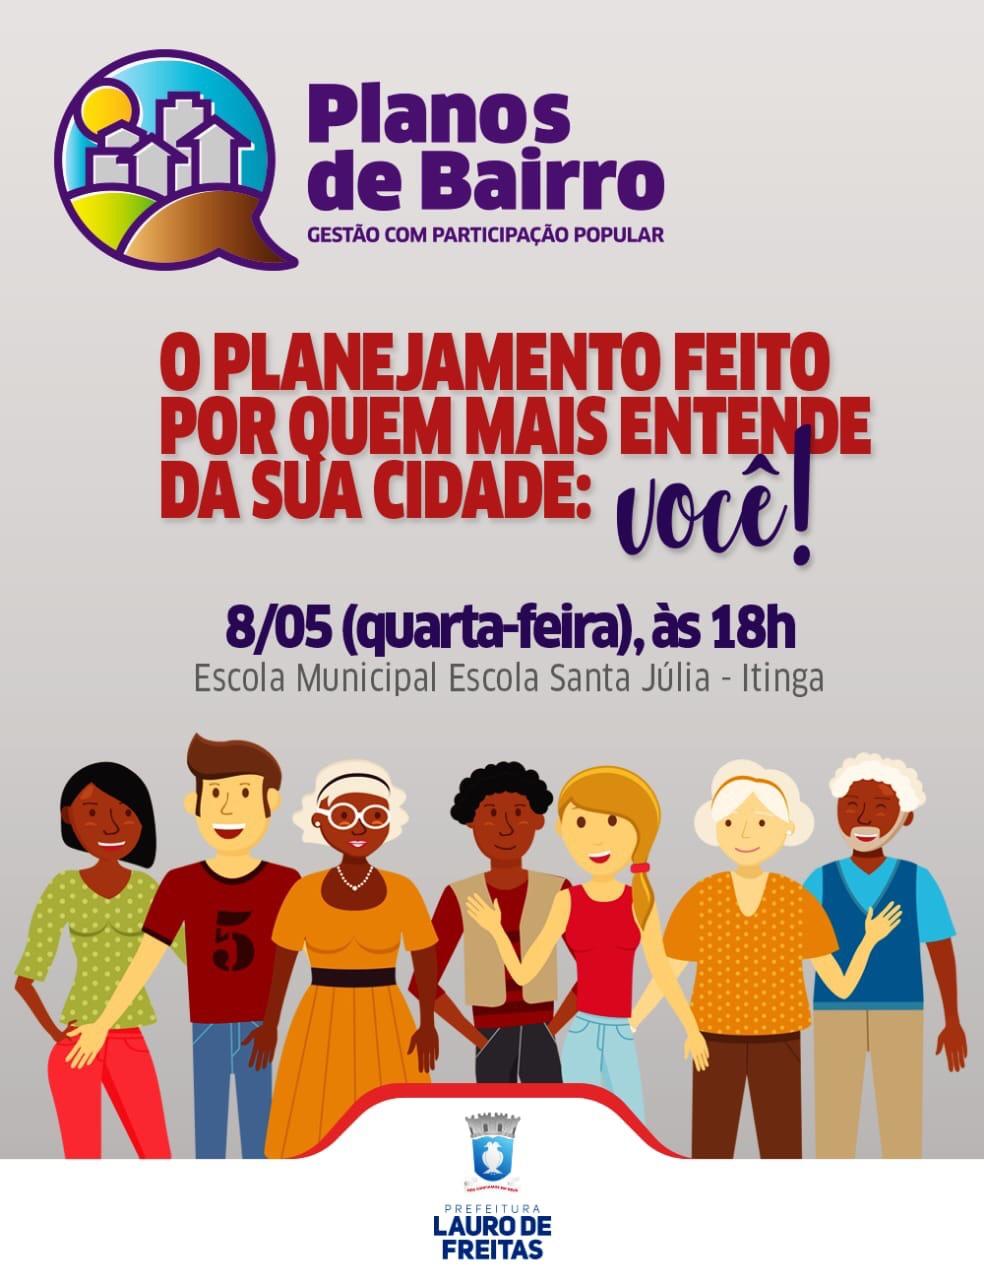 Lauro de Freitas realiza, nesta quarta-feira (8), a primeira oficina para construção do Plano de Bairros